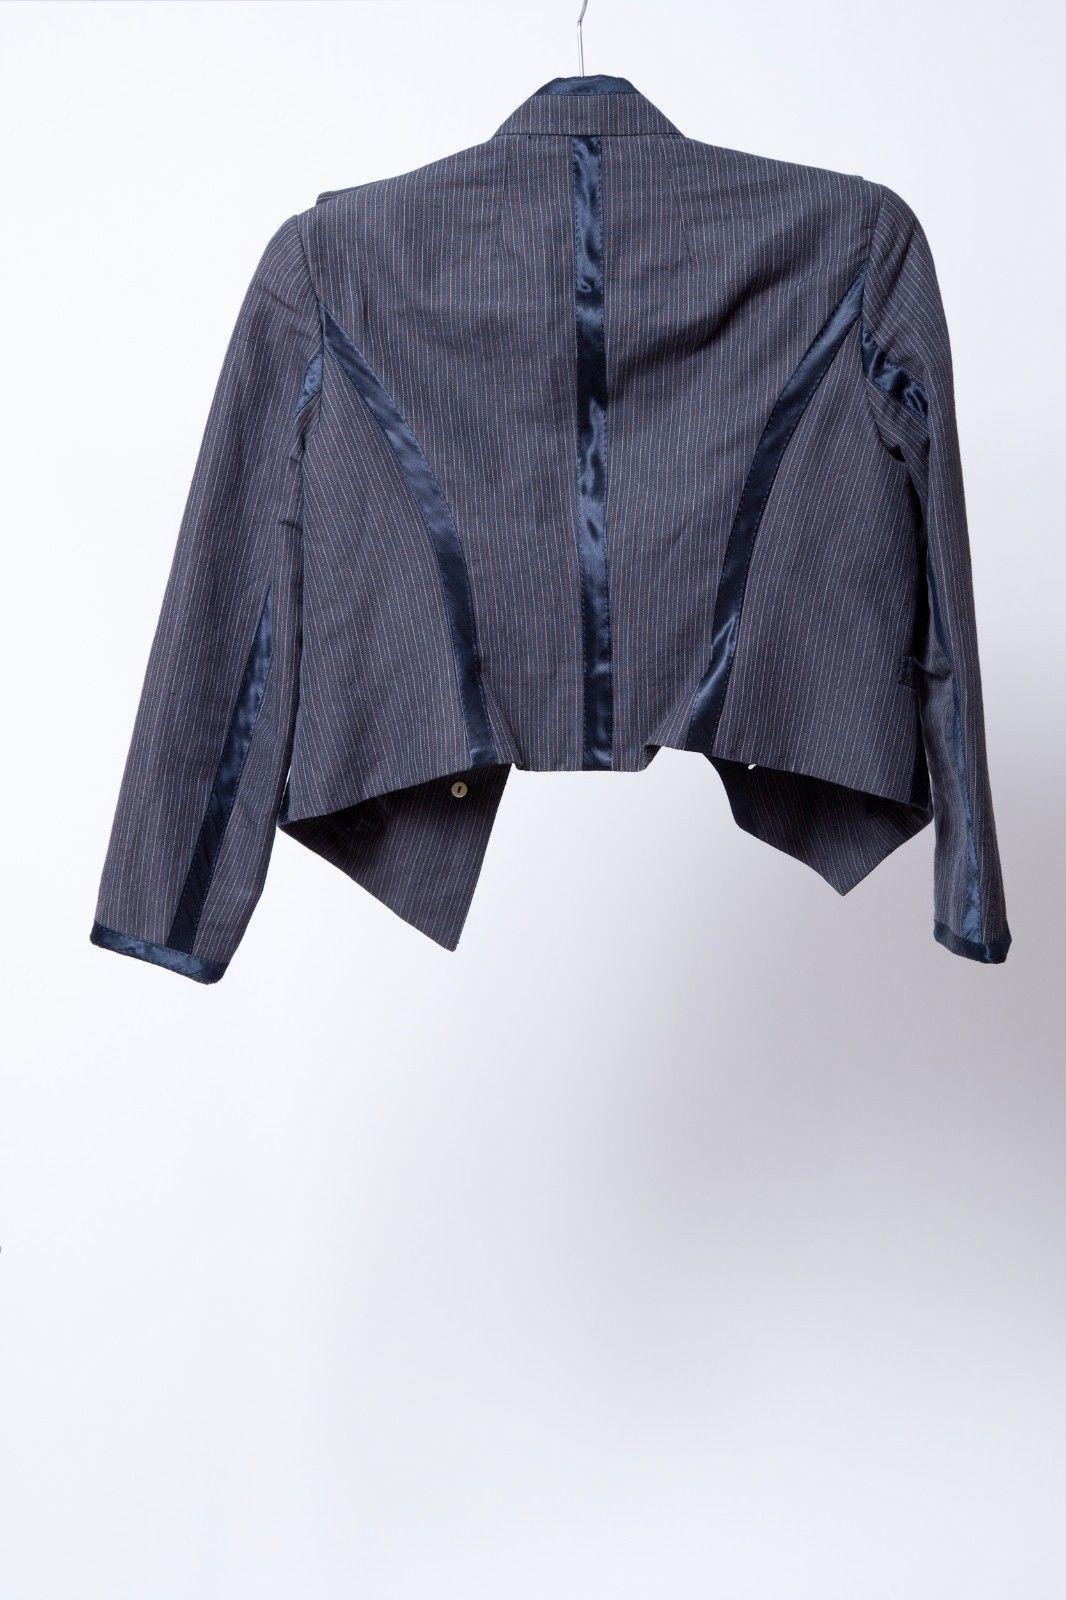 PHILLIP LIM Navy Pinstripe Blazer